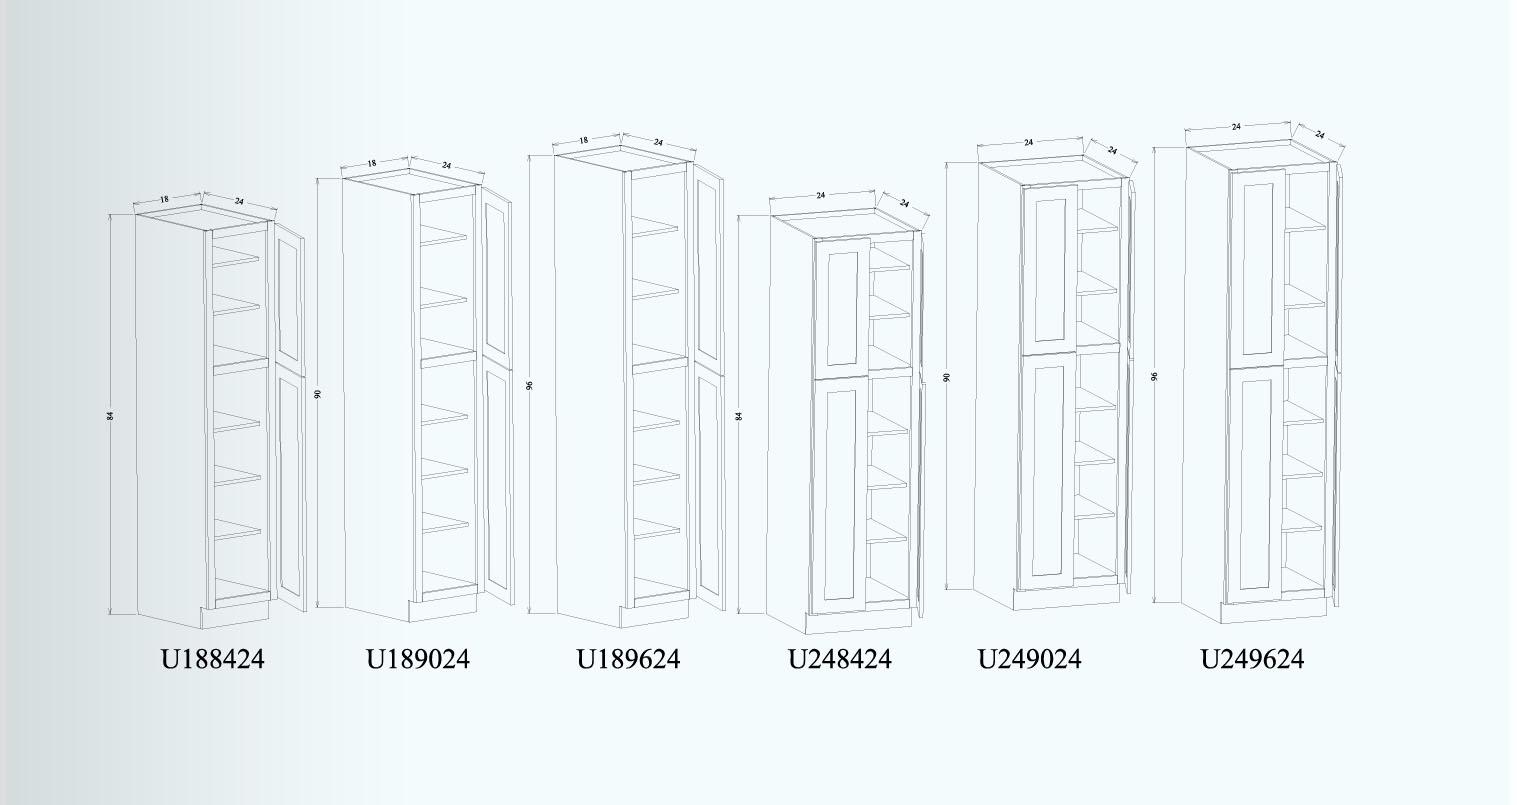 Utilty Cabinets